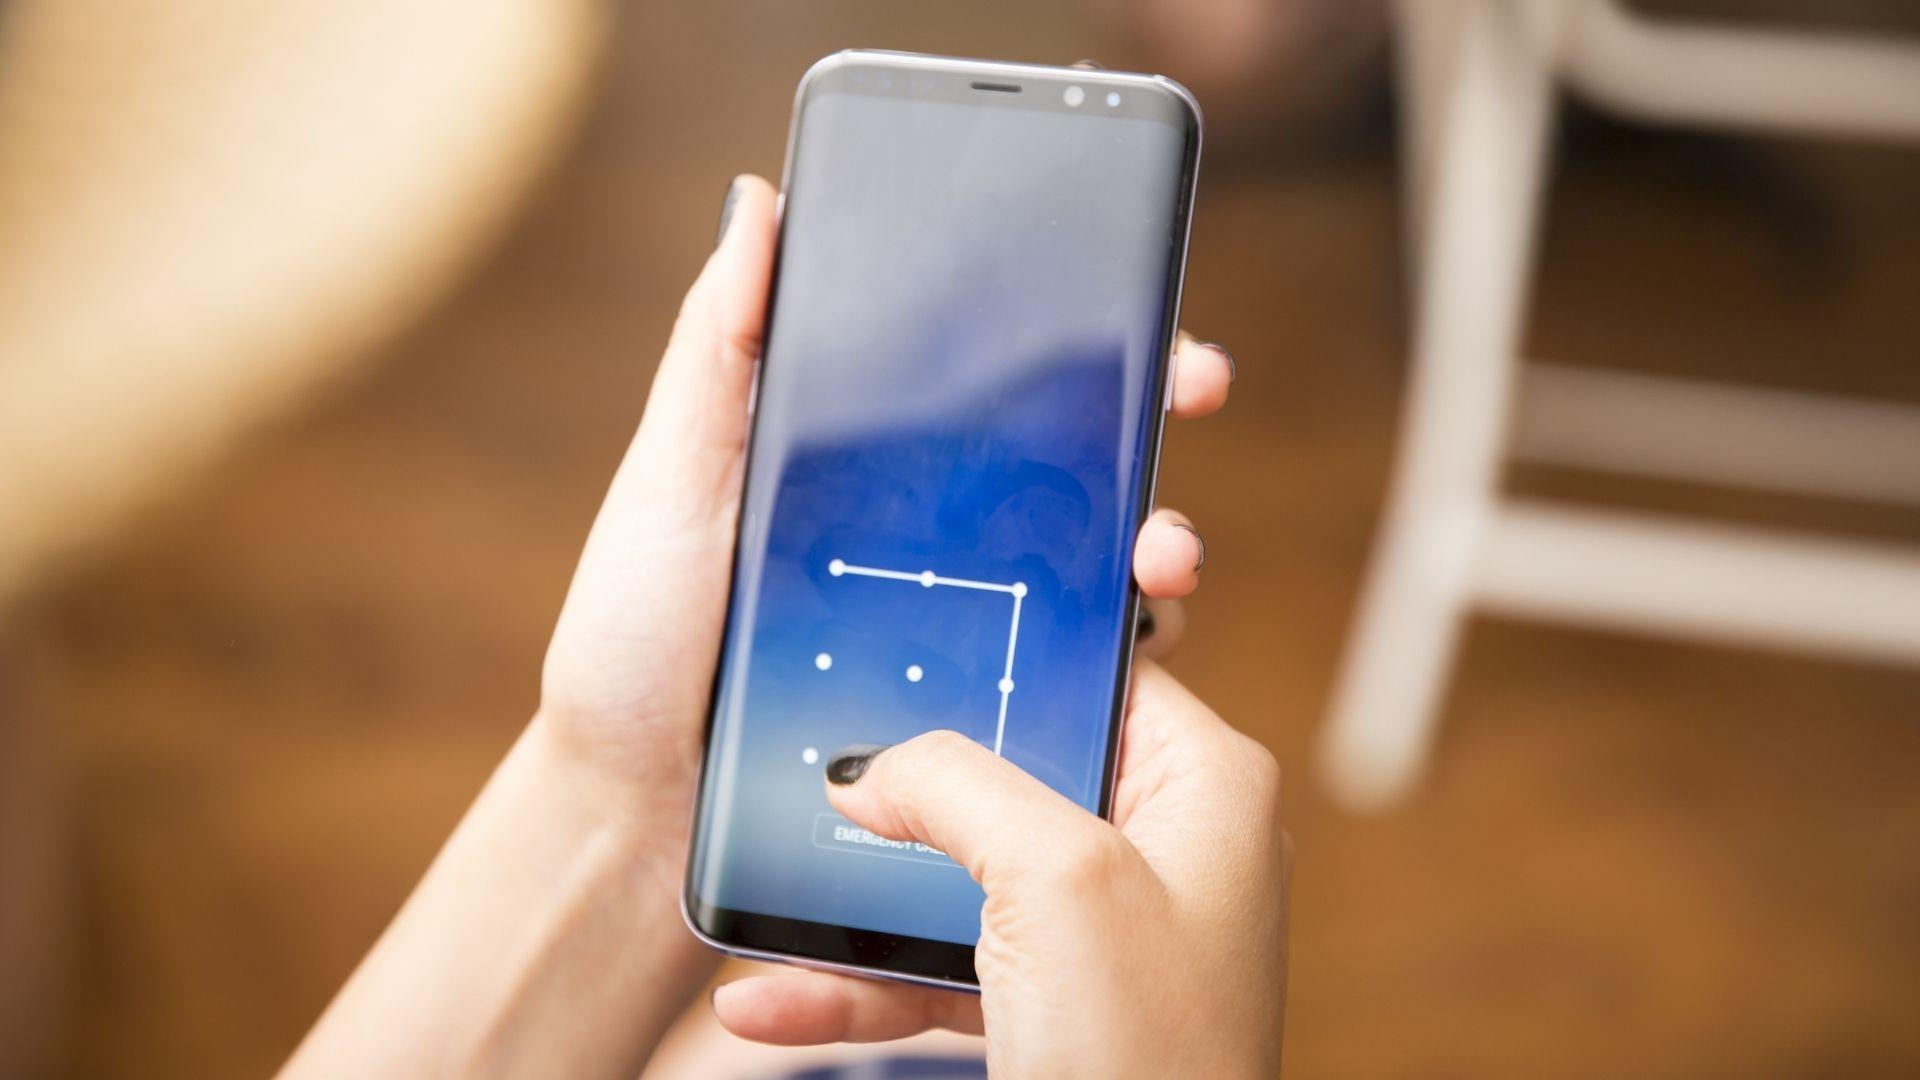 Aprenda como desbloquear celular Samsung sem senha ou padrão (Foto: Nadir Keklik / Shutterstock.com)